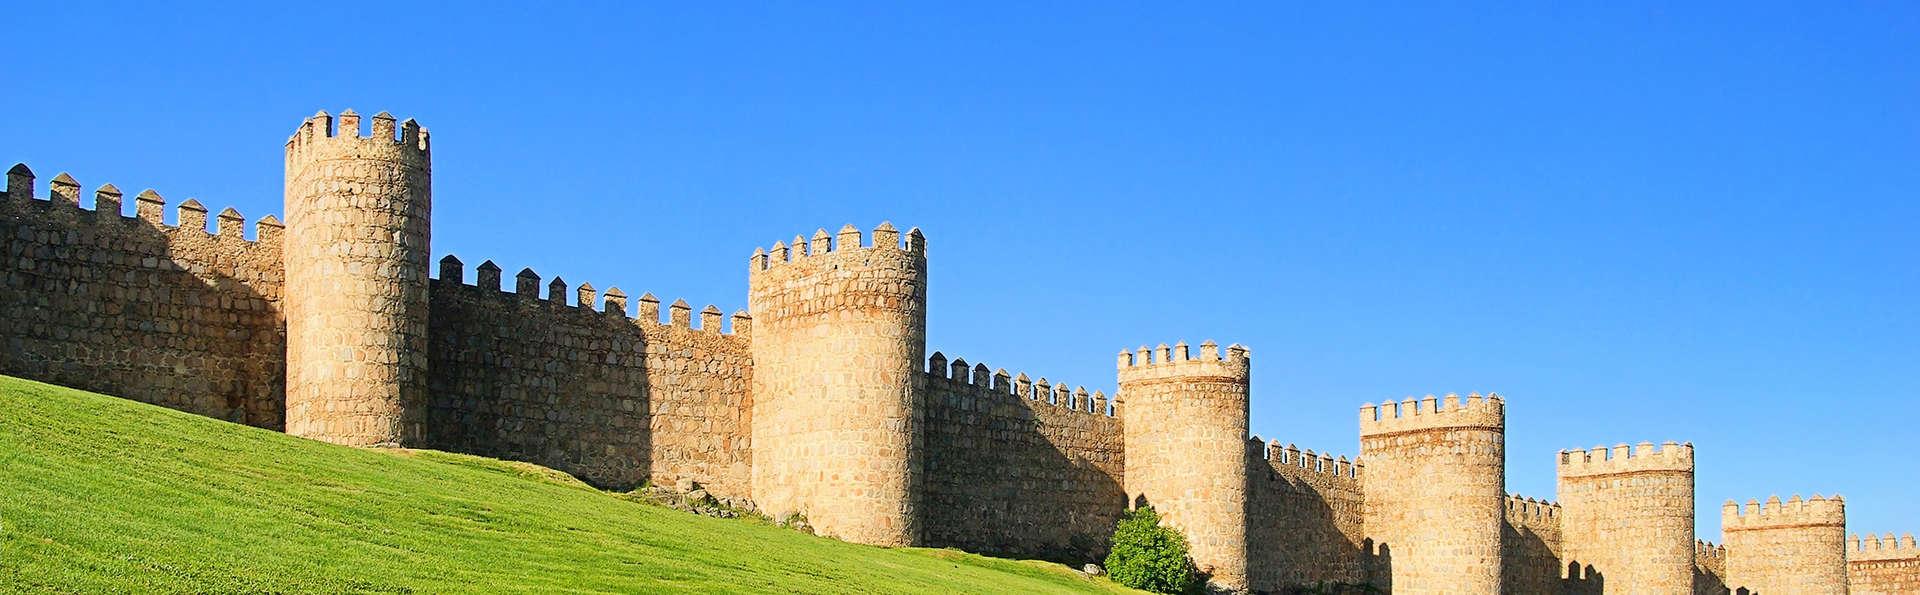 Découvrez Ávila et sa délicieuse gastronomie (à partir de 2 nuits)